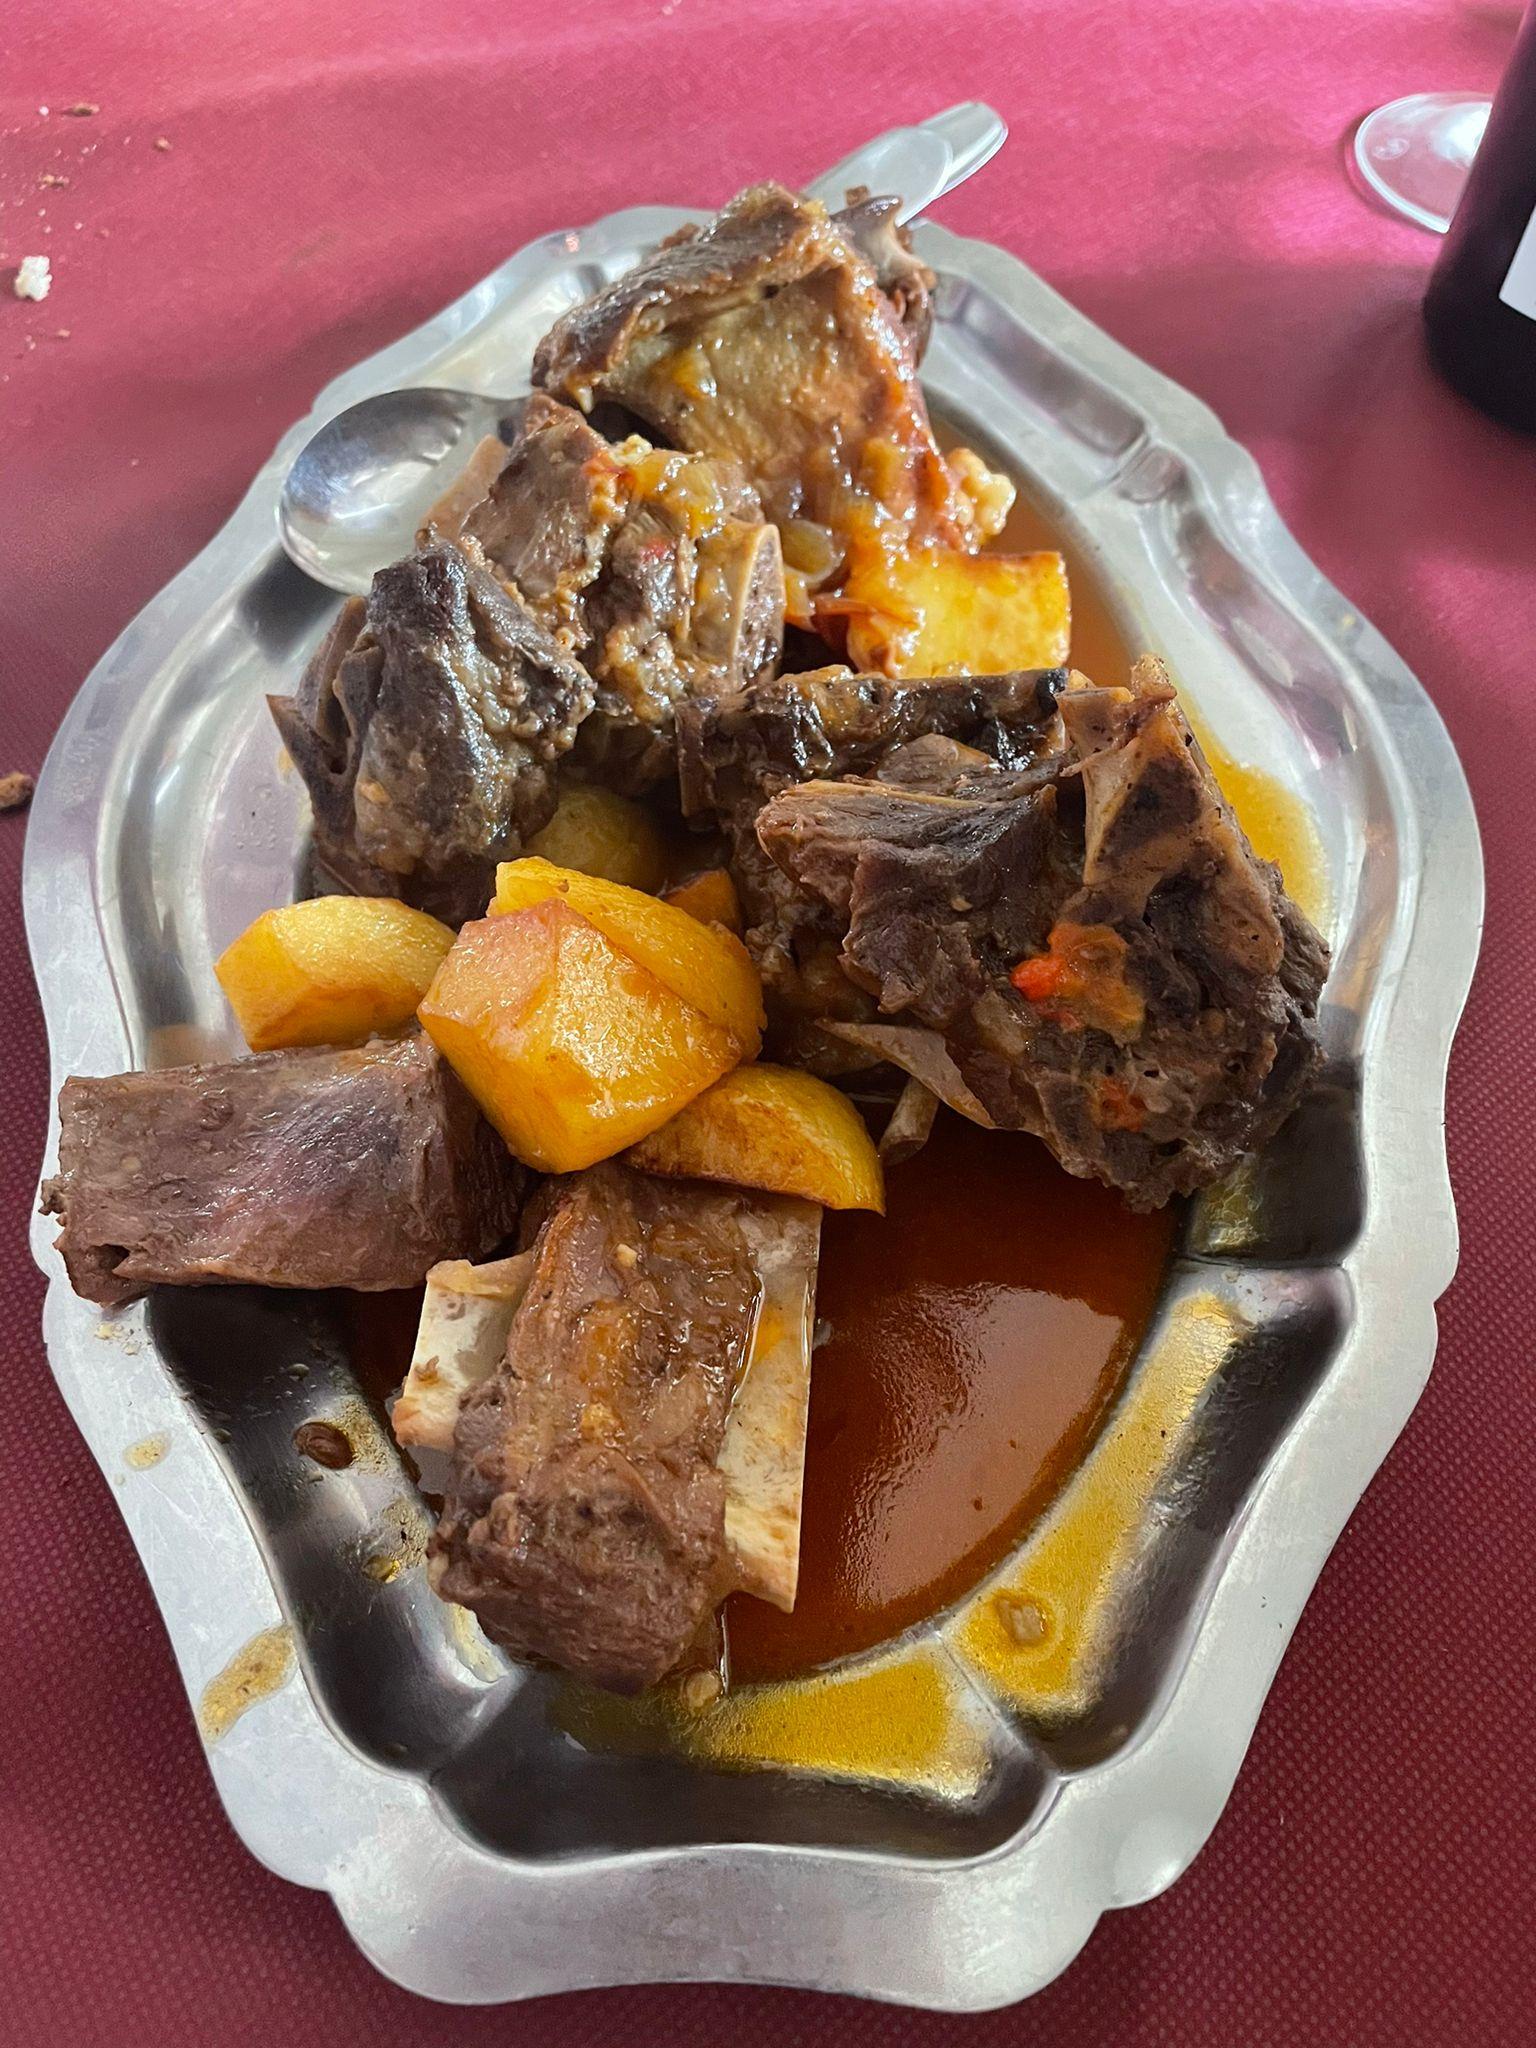 Reseña gastronómica: Restaurante Salomé en Toreno 6